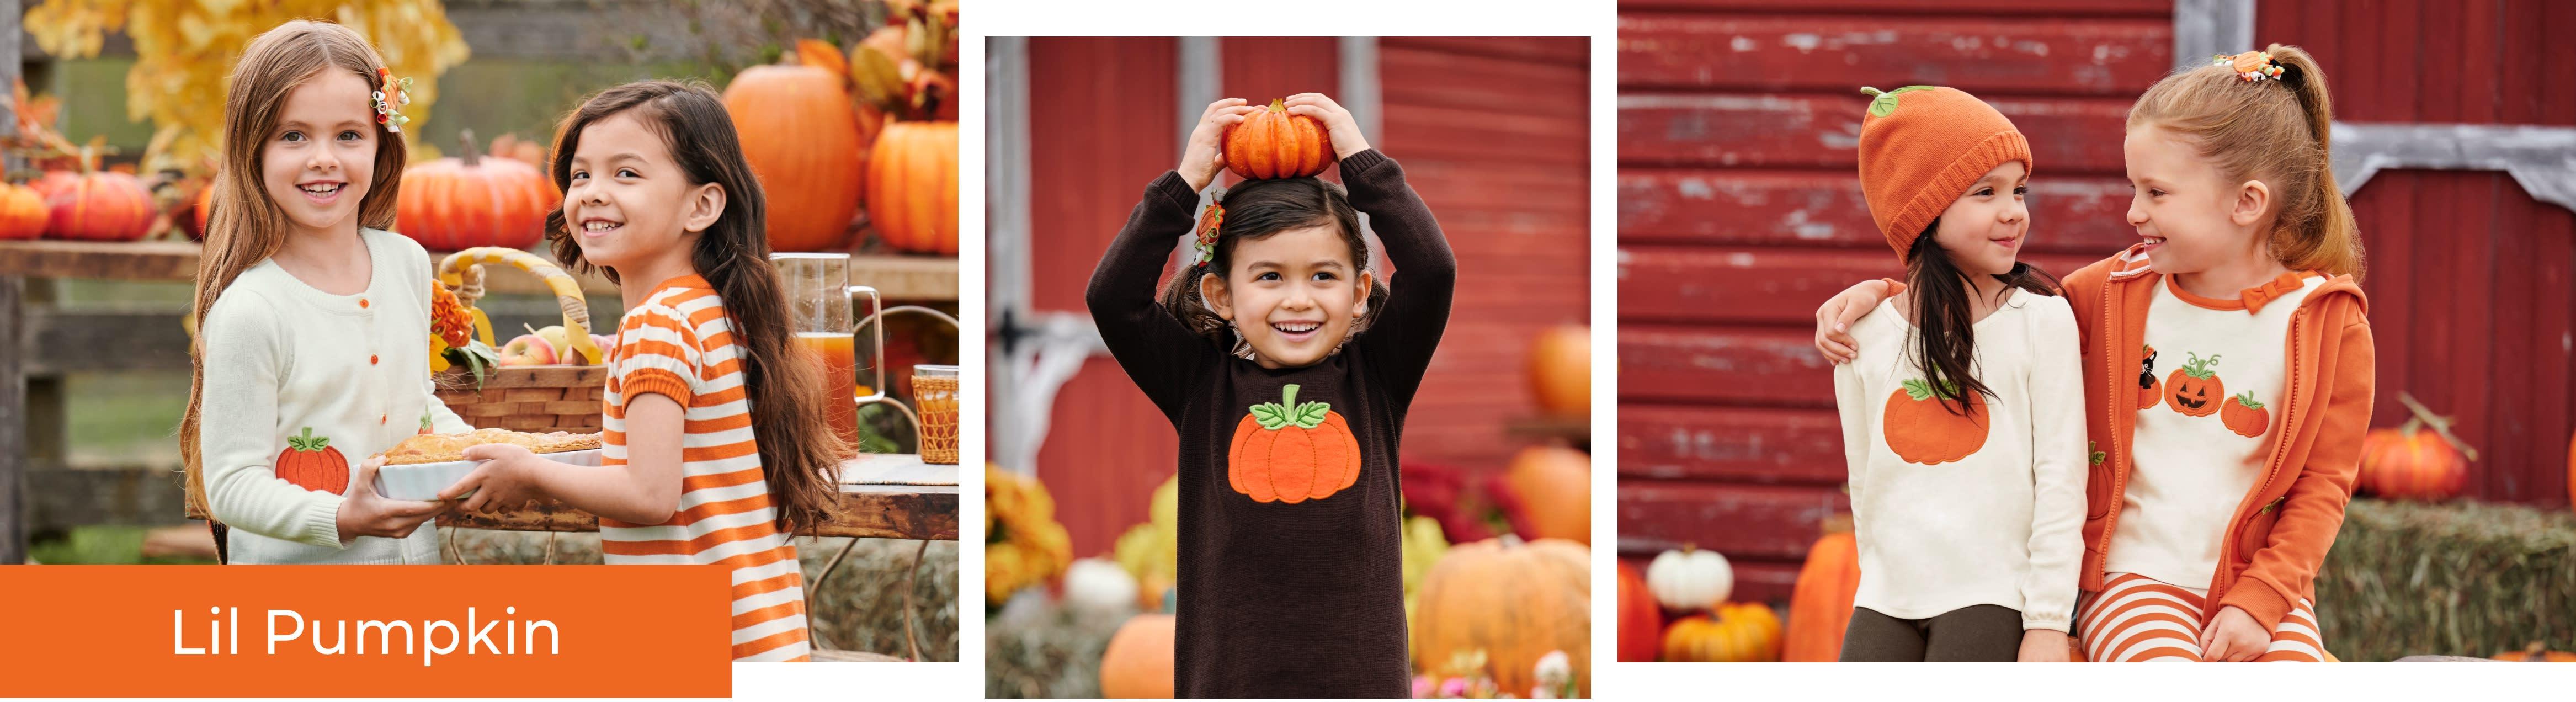 Girl Lil Pumpkin